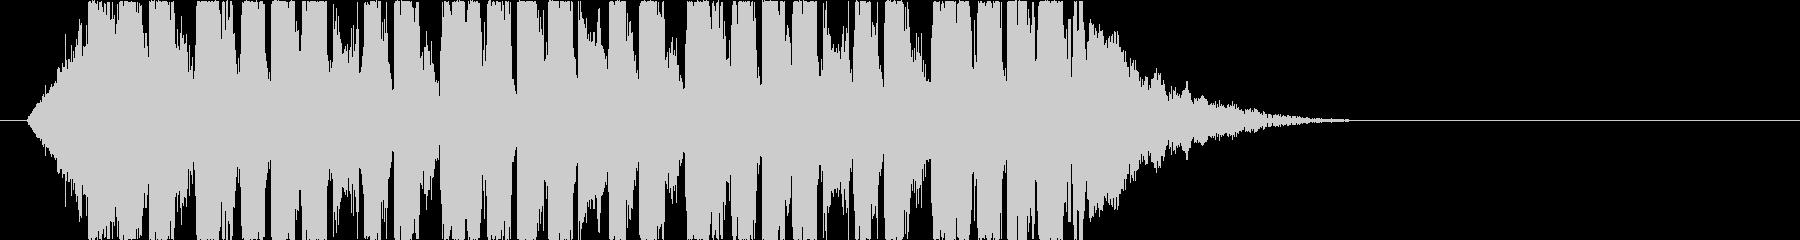 ダンサブルなEDMショートジングルの未再生の波形